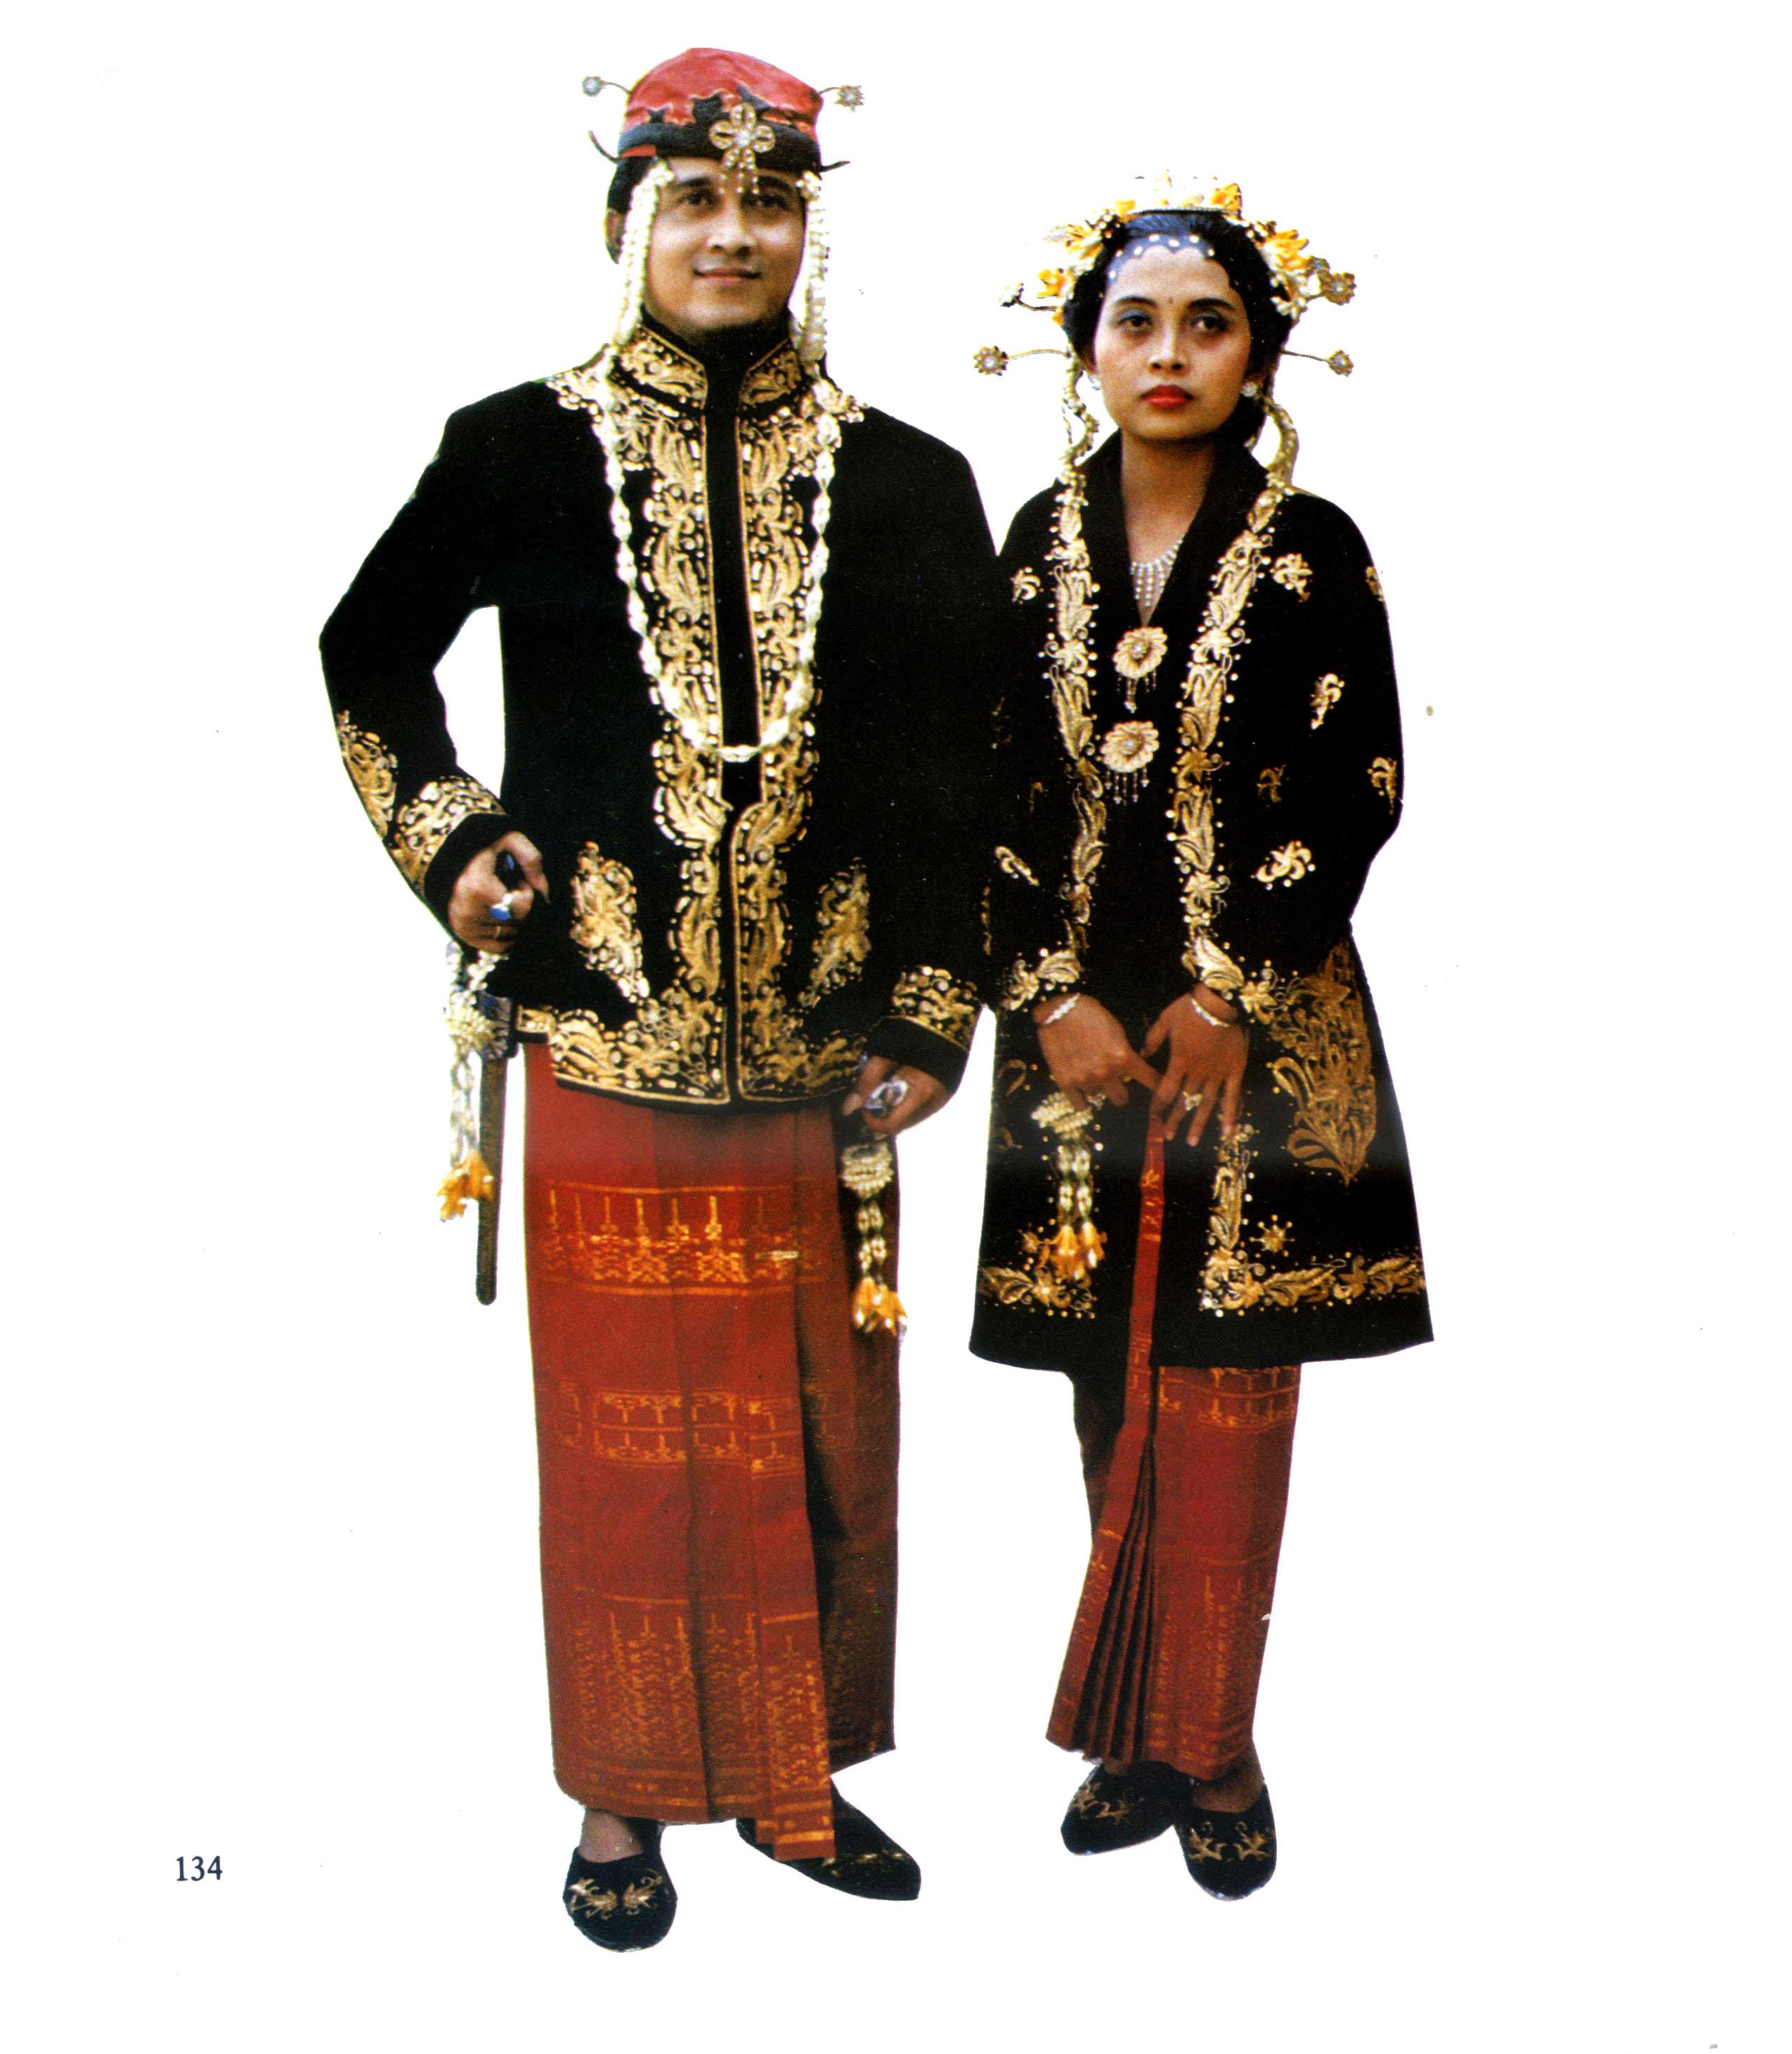 Pakaian Khas Dari Jawa - Baju Adat Tradisional